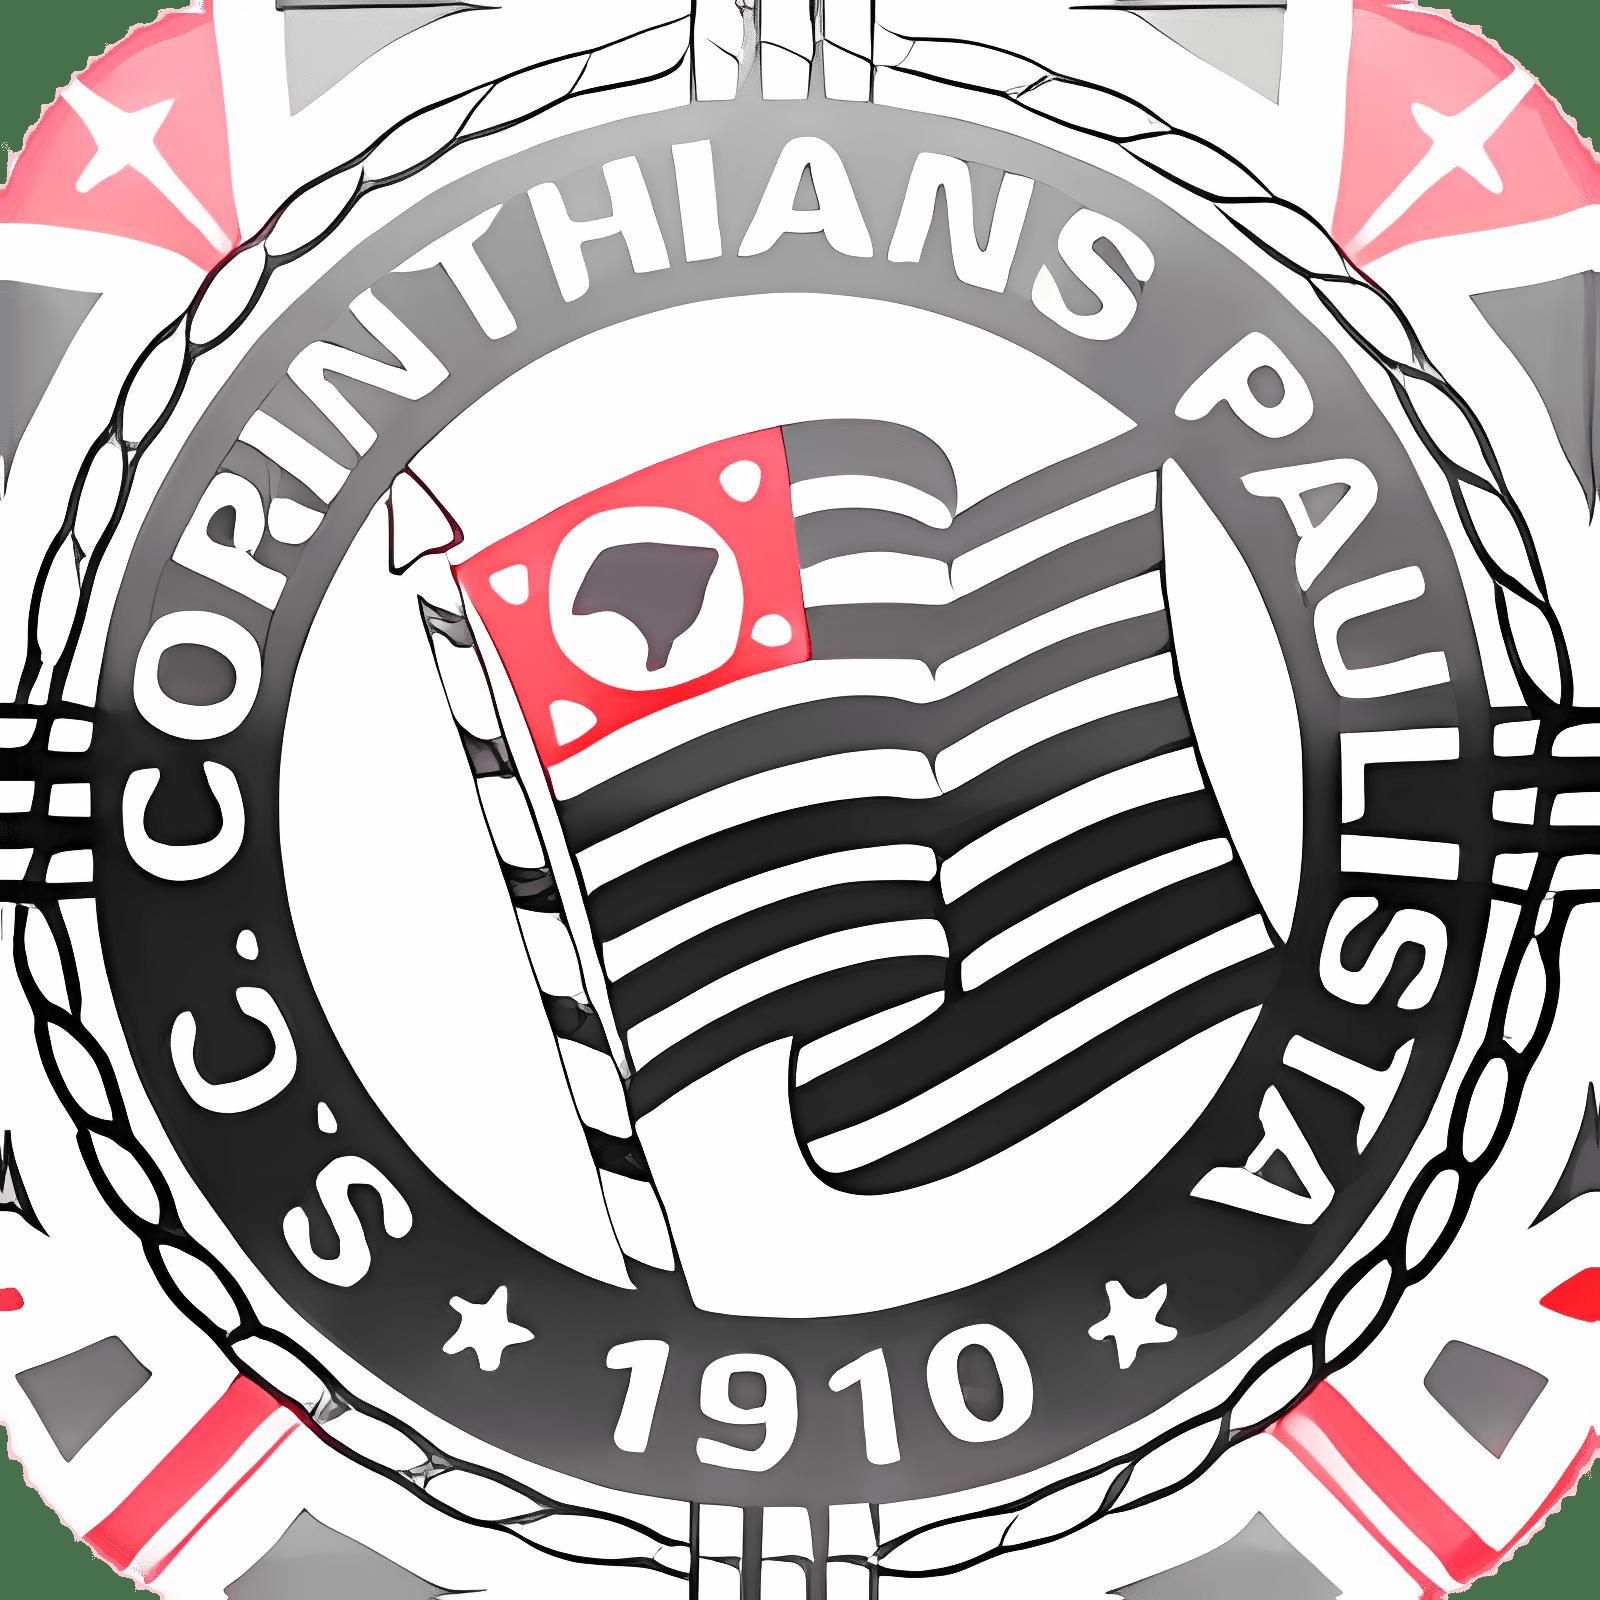 Centenário do Corintihans Papel de Parede